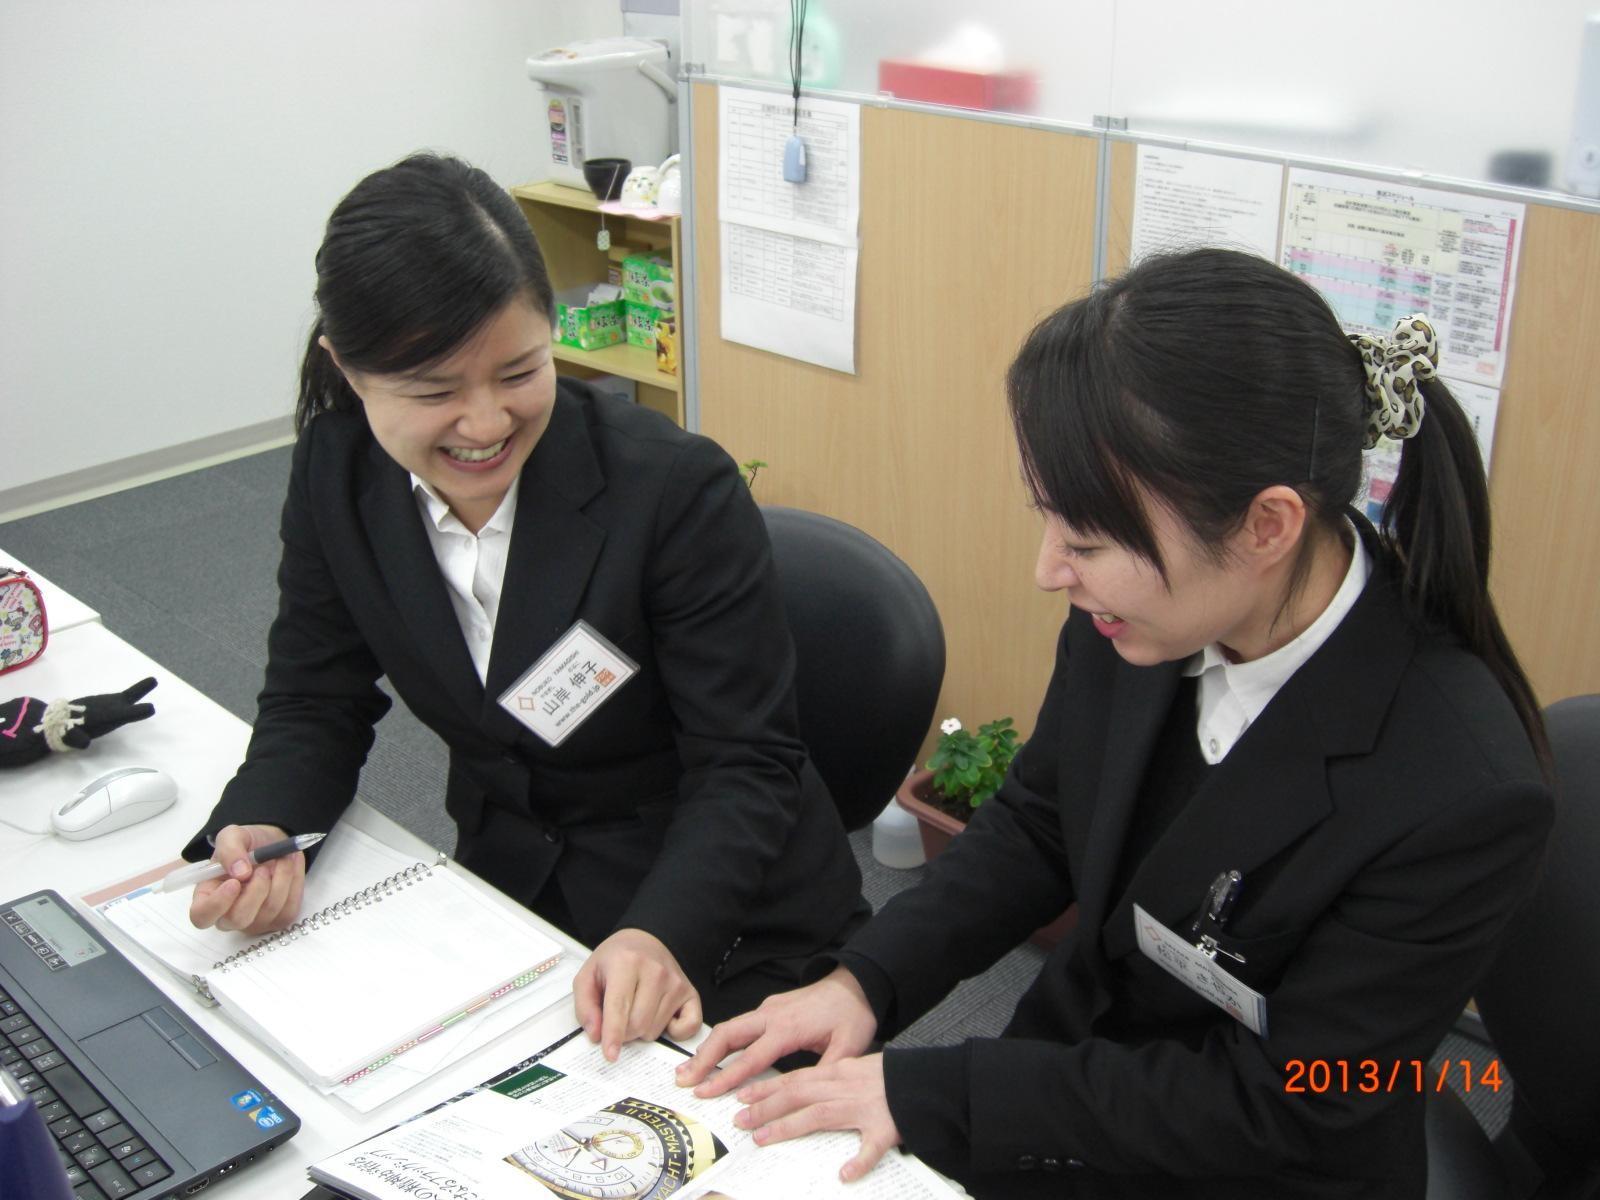 ザ・ゴールド 新発田店のアルバイト情報